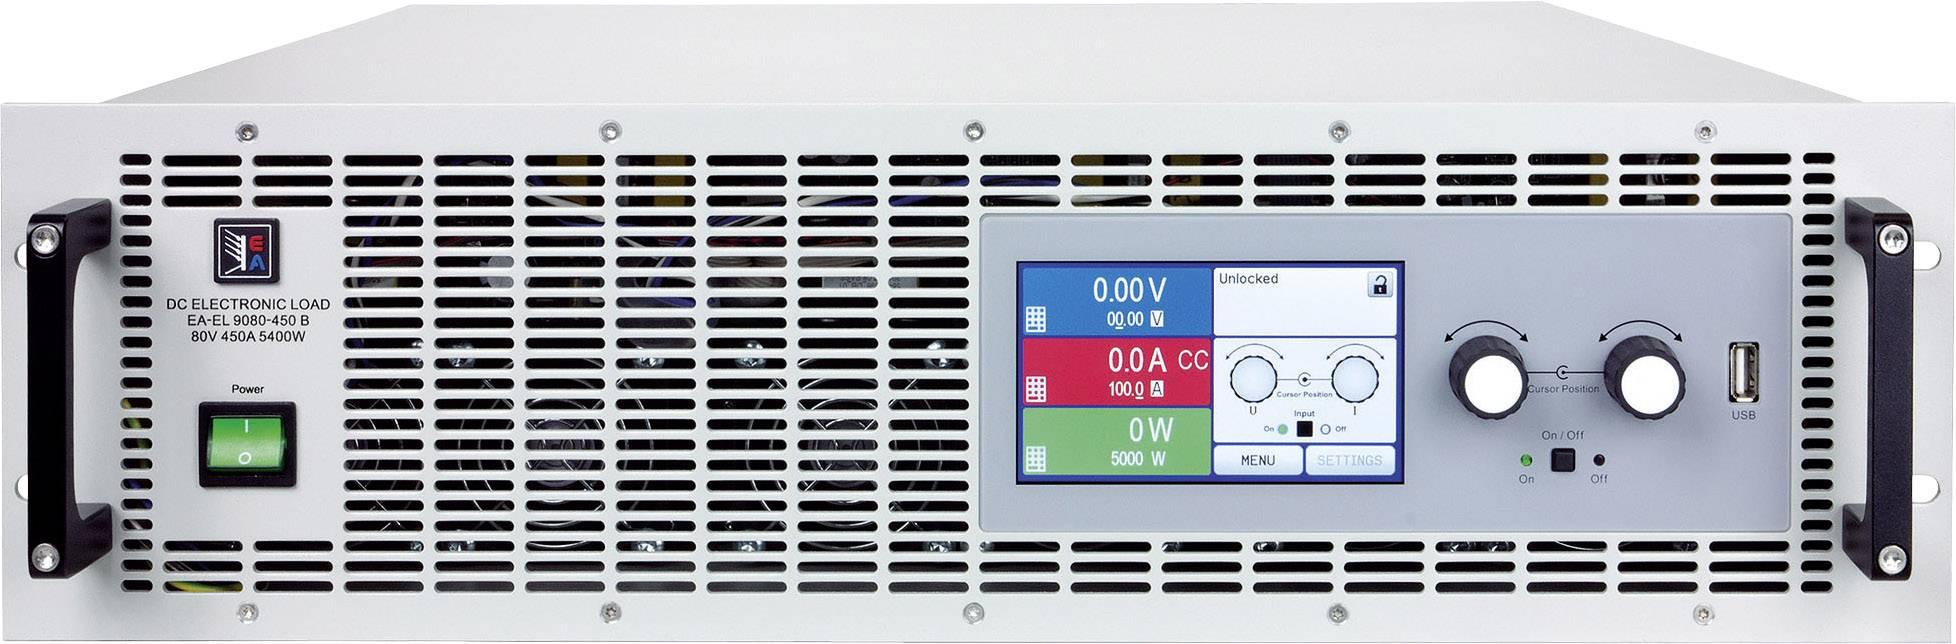 Elektronická zátěž EA Elektro-Automatik EA-EL 9200-140 B, 200 V/DC 170 A, 4000 W